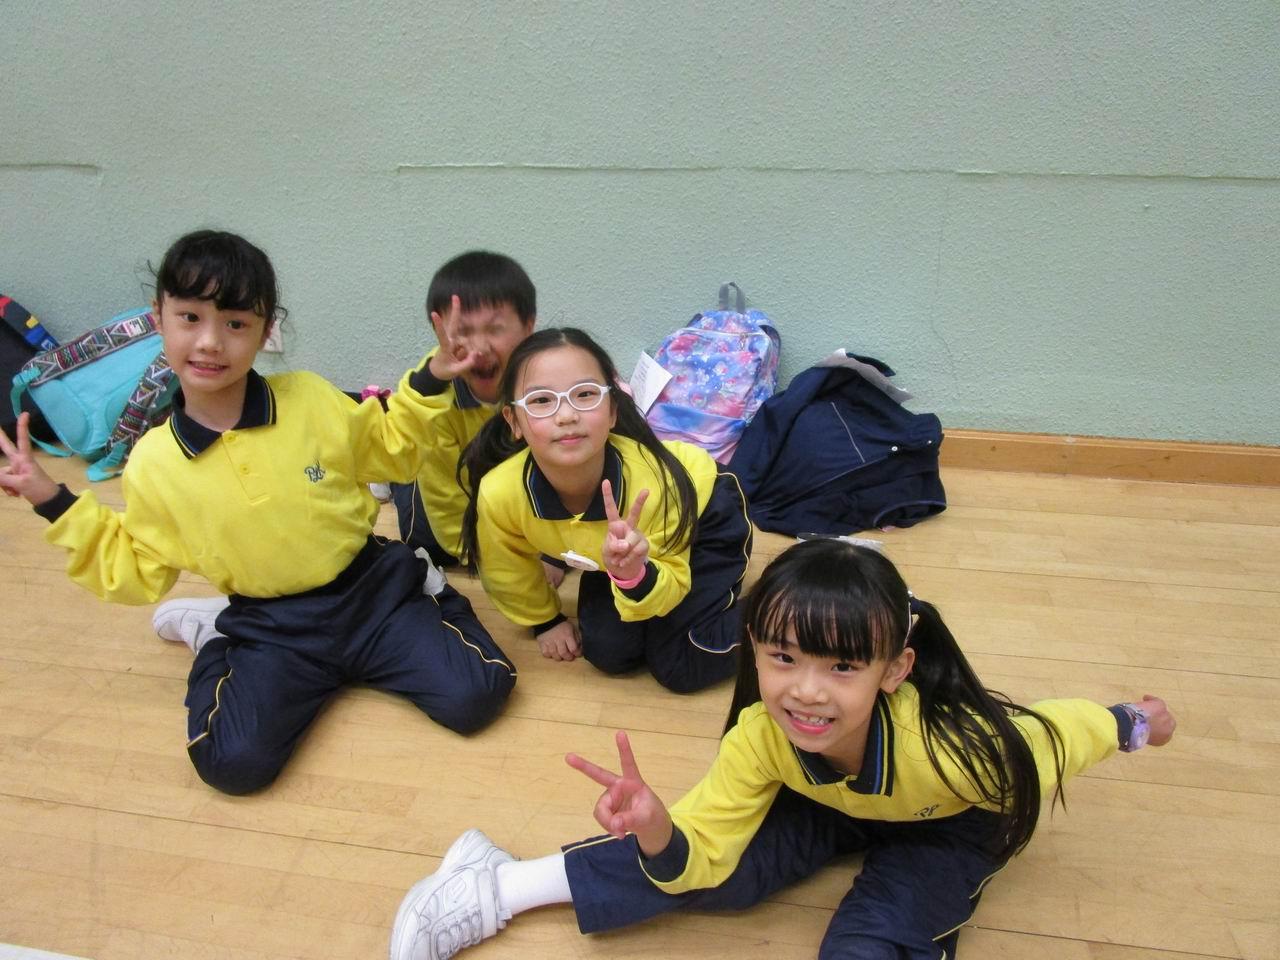 https://plkcjy.edu.hk/sites/default/files/diao_zheng_da_xiao_img_1313.jpg